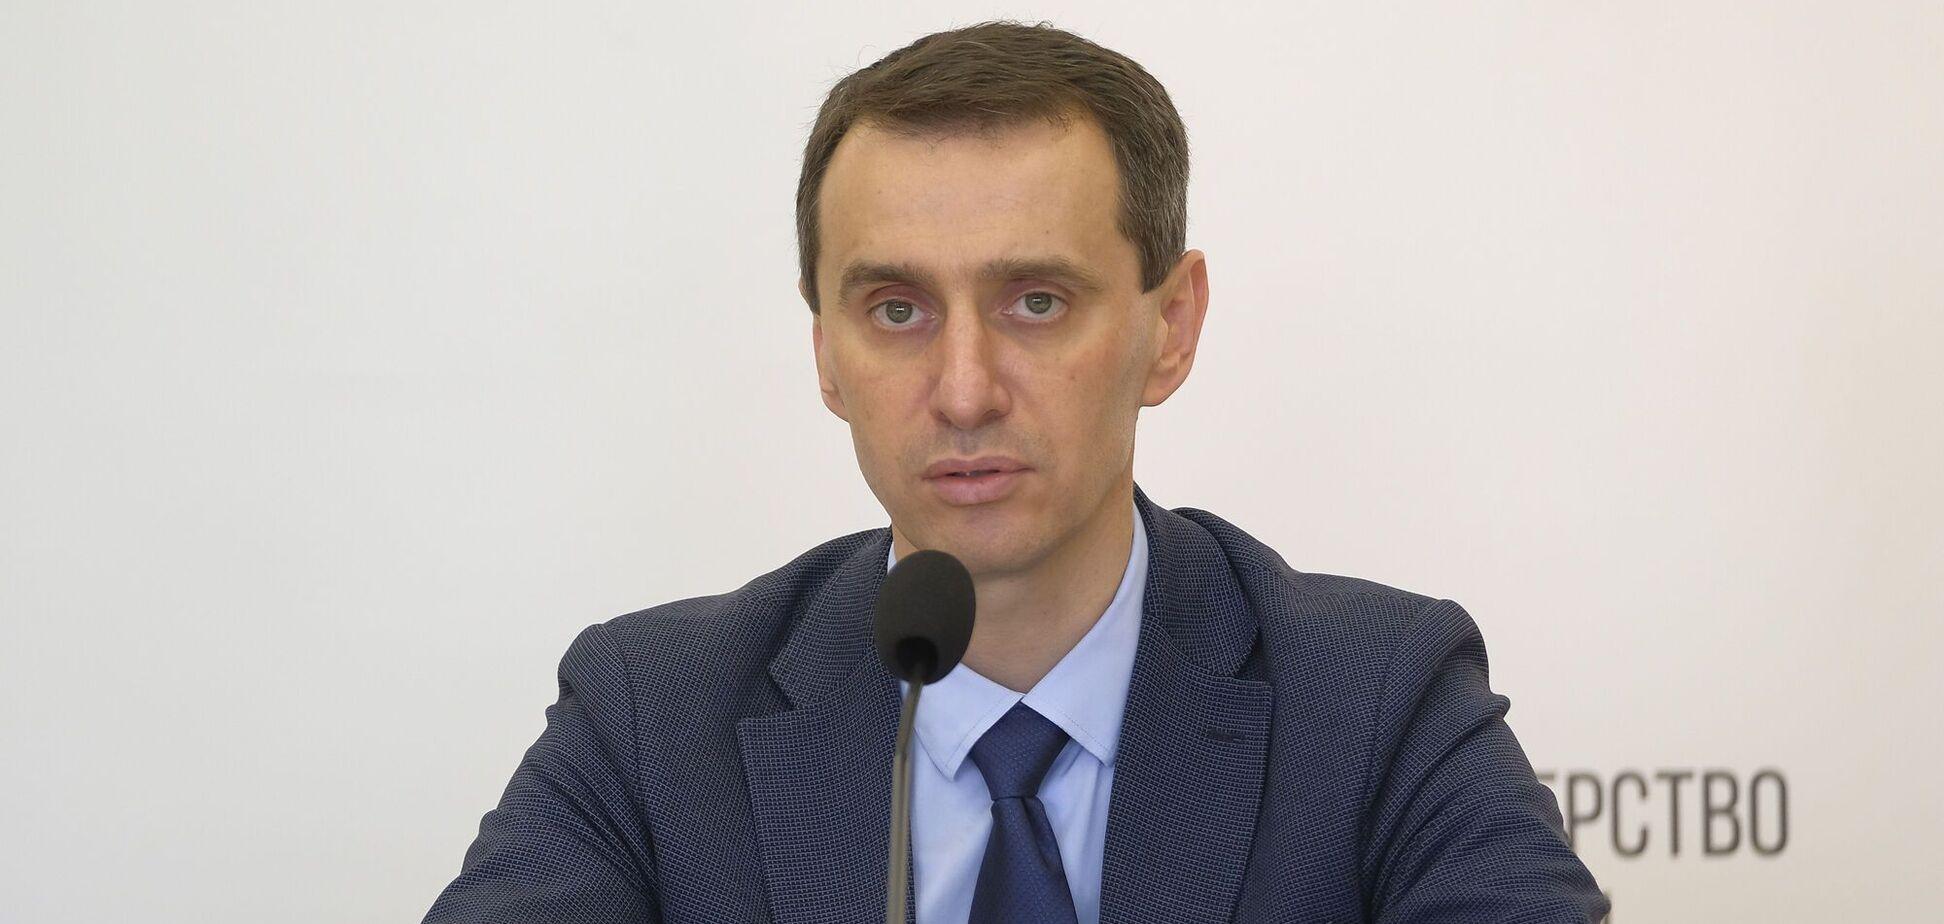 Ляшко впервые прокомментировал возможное назначение главой Минздрава